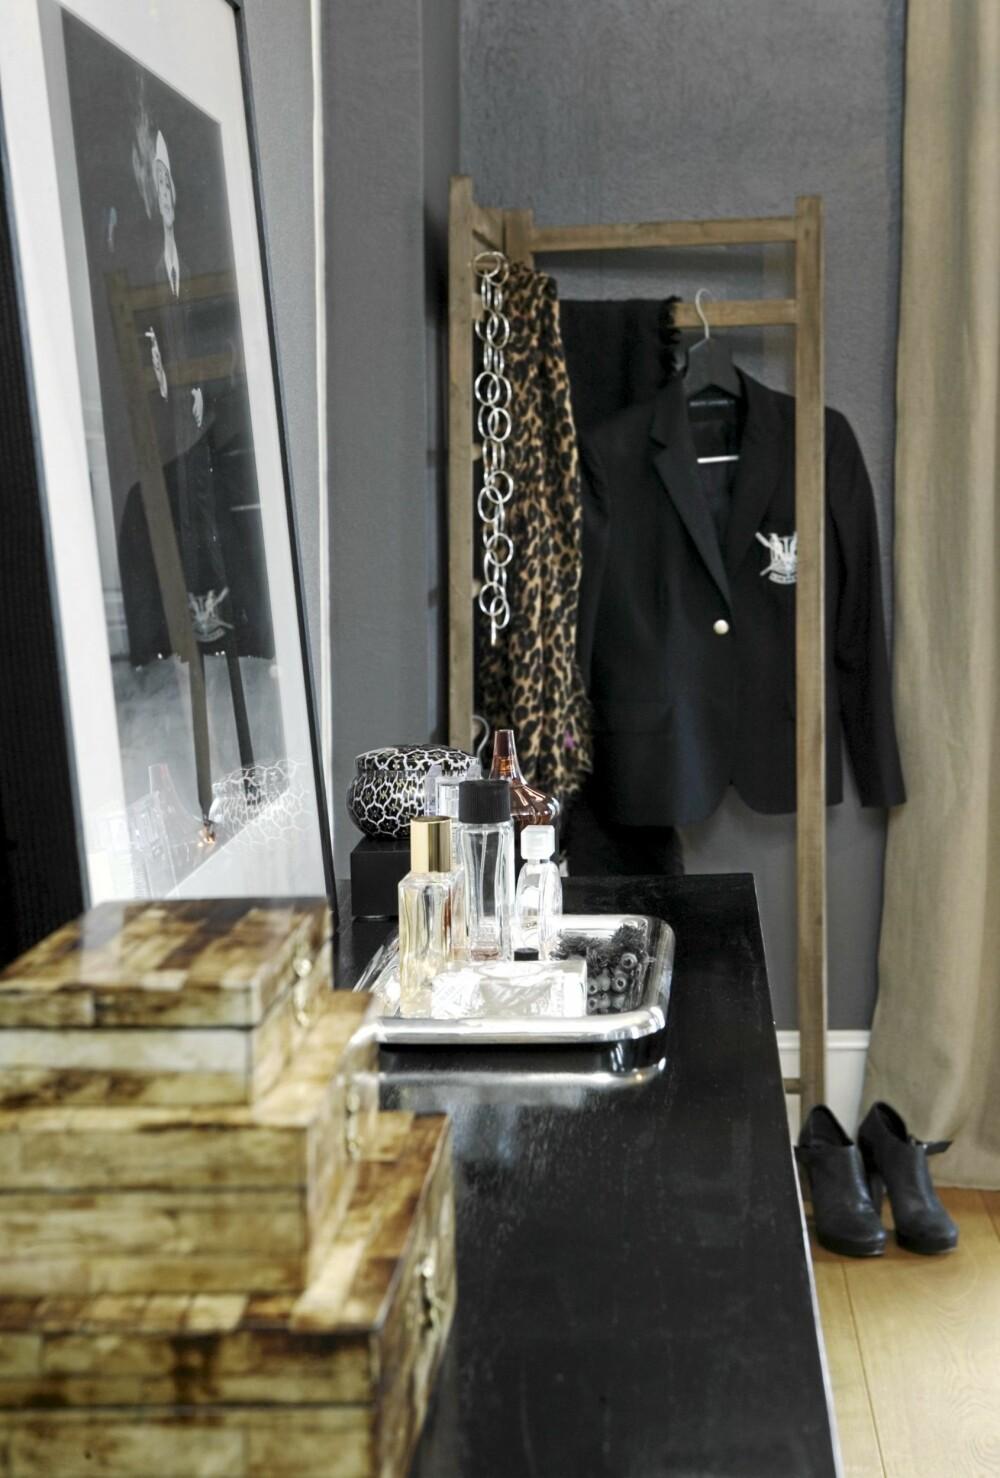 EFFEKTER: Åpen og enkel garderobe fra Ikea. På den blanke konsollen er det dandert røffe skrin, flasker og skåler.